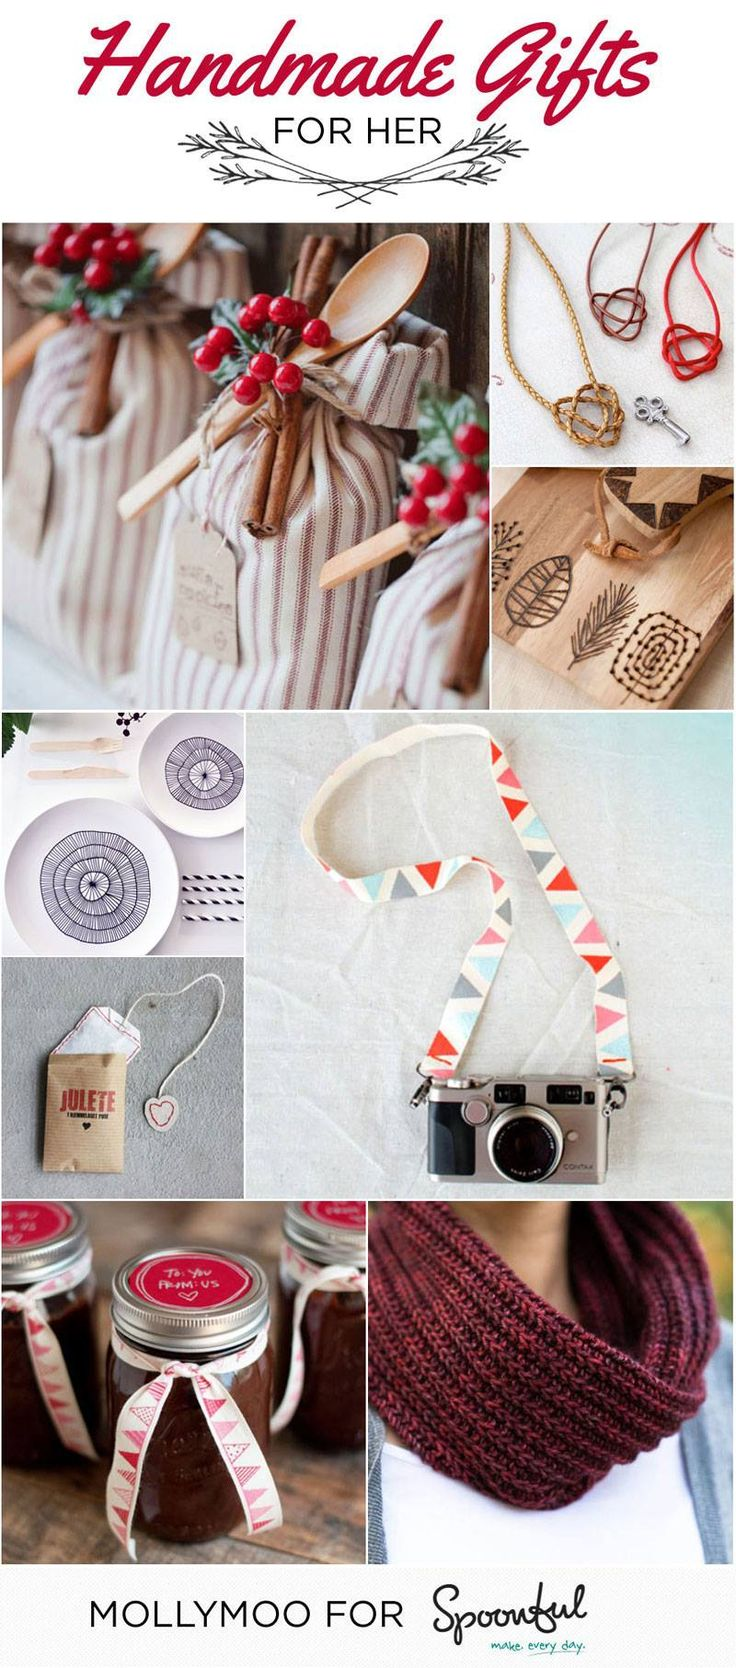 Handmade gift ideas for Her.